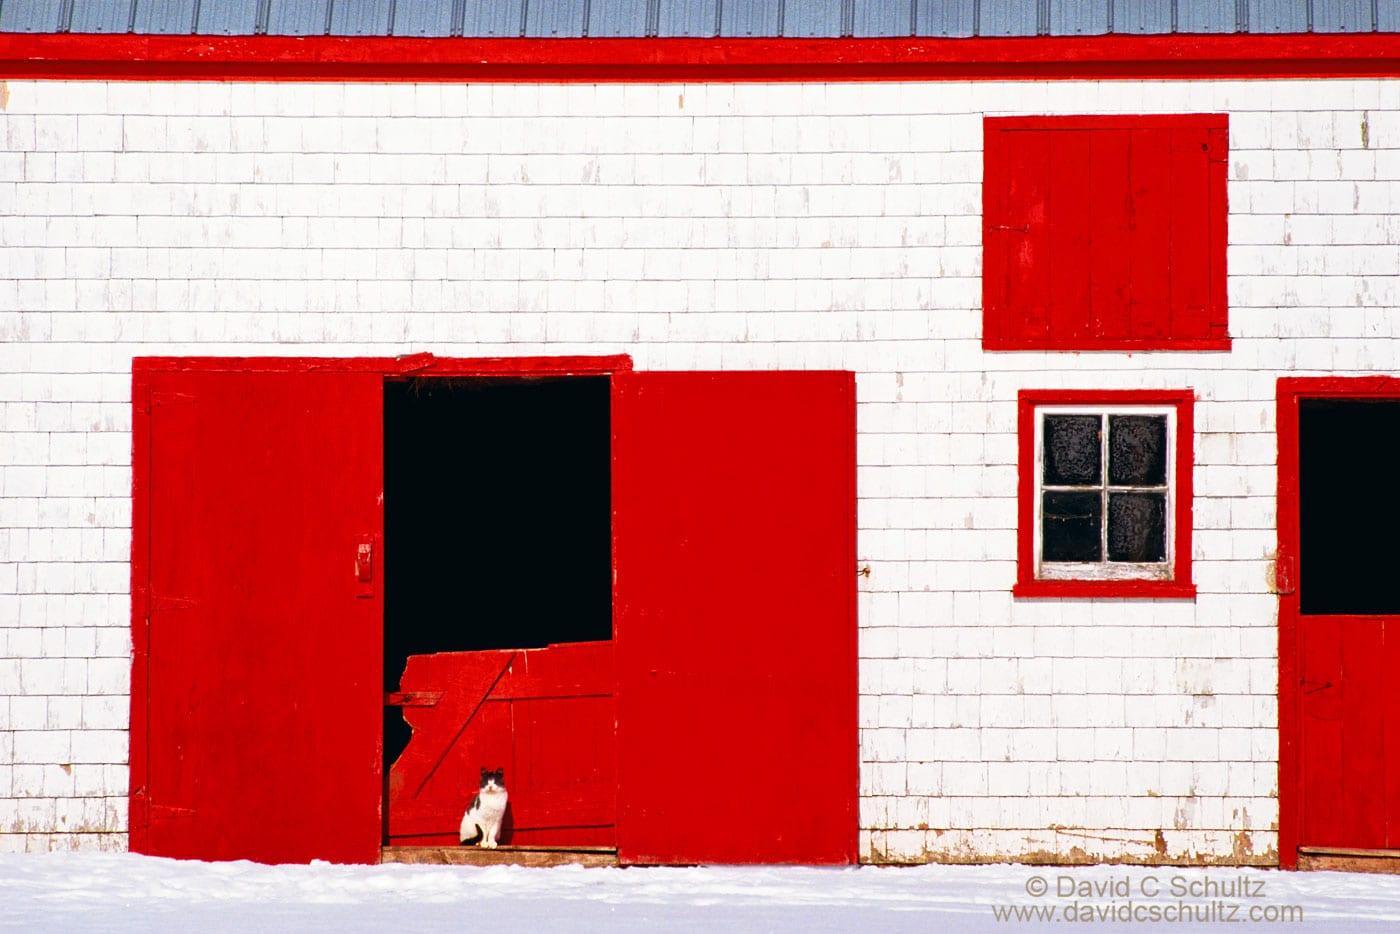 Cat on Prince Edward Island Canada - Image #13-313